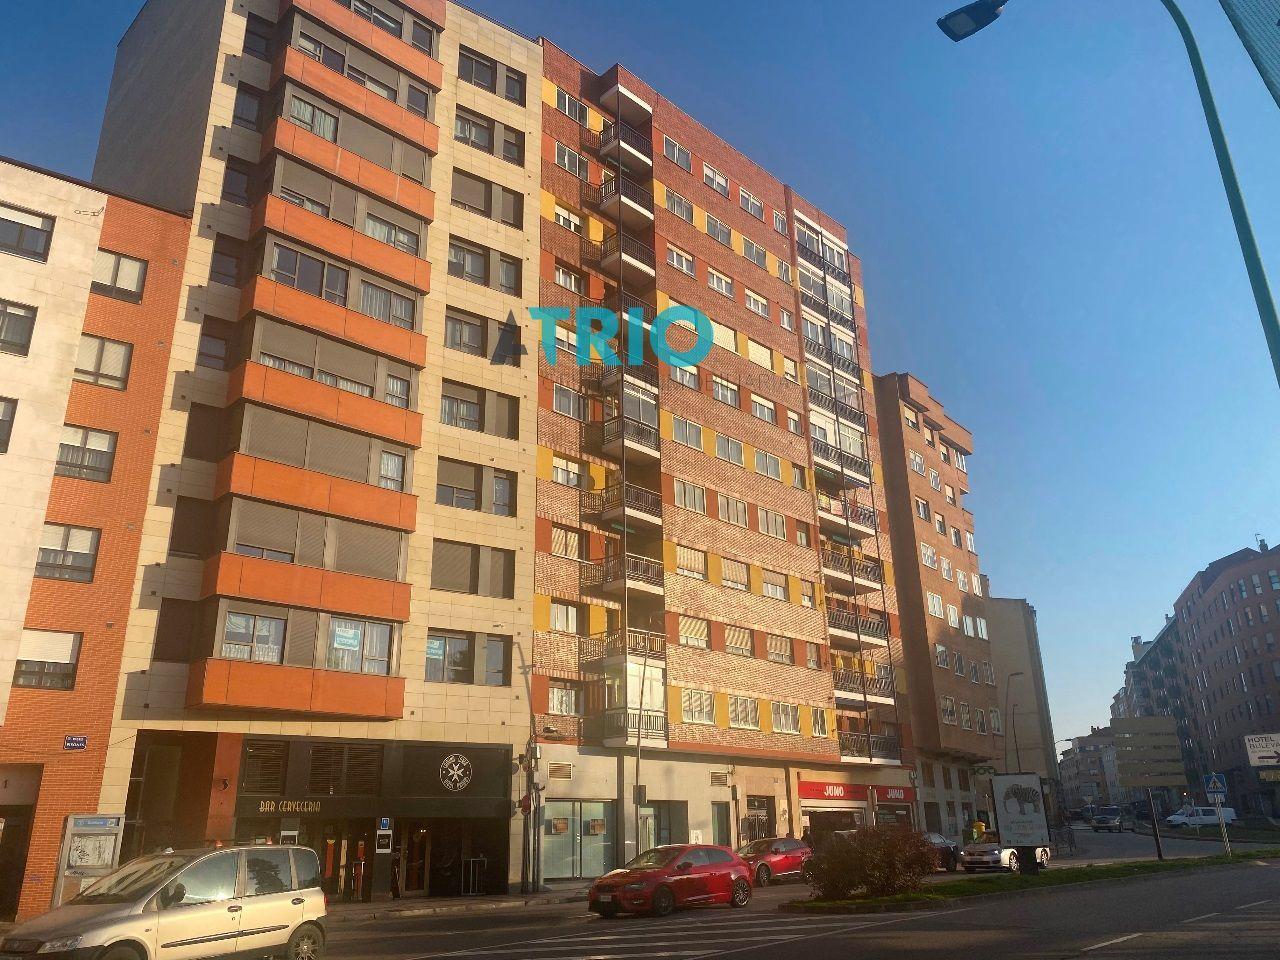 dia.mobiliagestion.es/Portals/inmoatrio/Images/6446/4138093